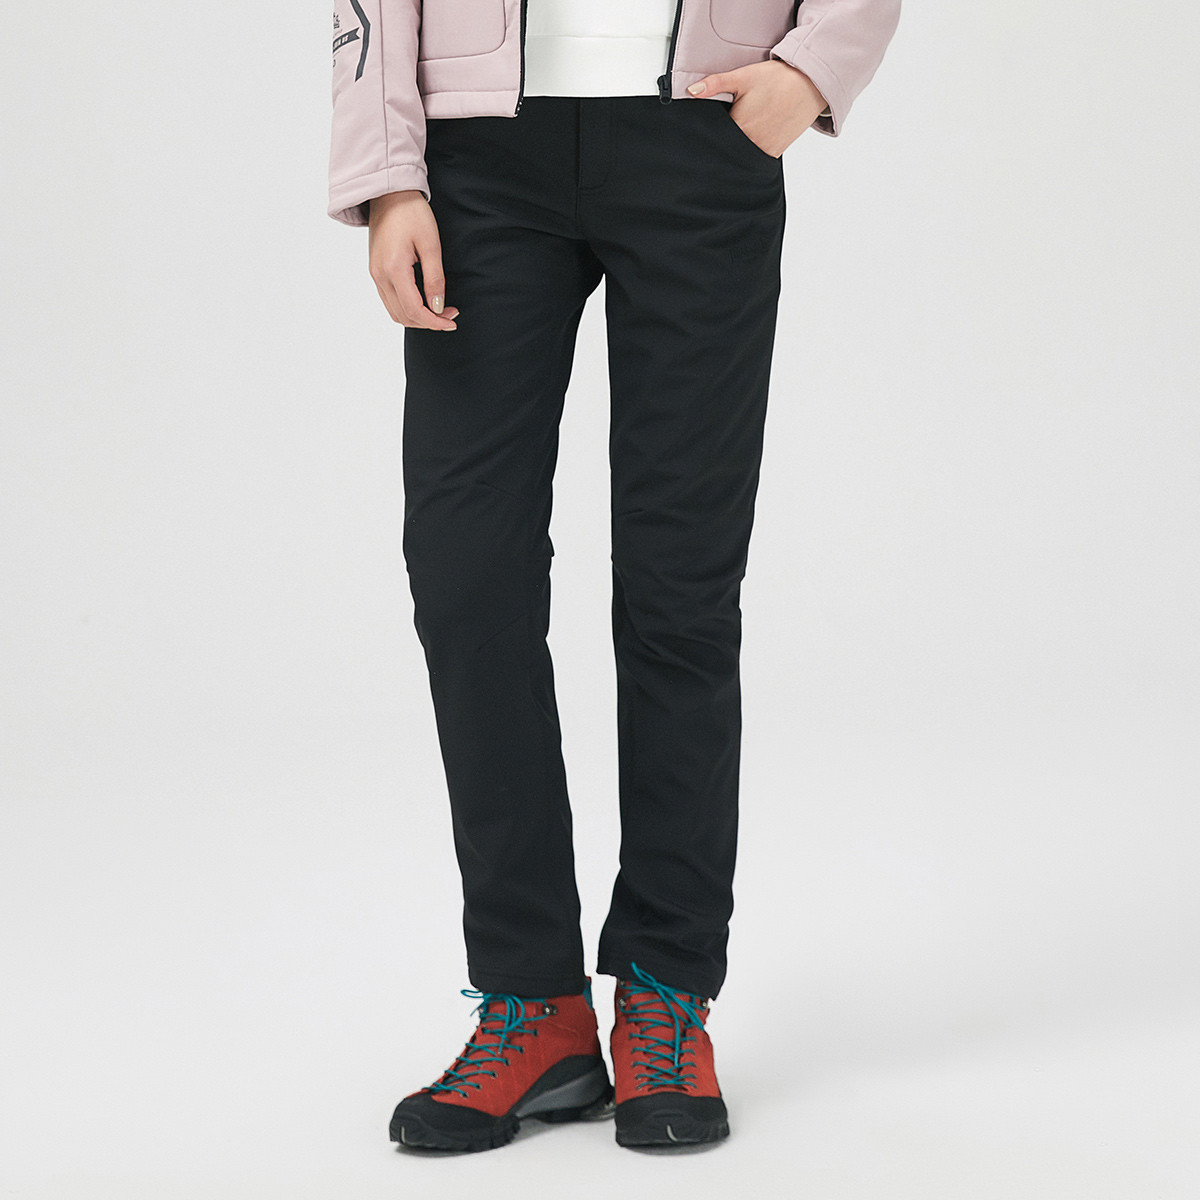 龙狮戴尔龙狮戴尔[2019春季新品]防泼水保暖 女款软壳裤加厚运动裤2363341530005